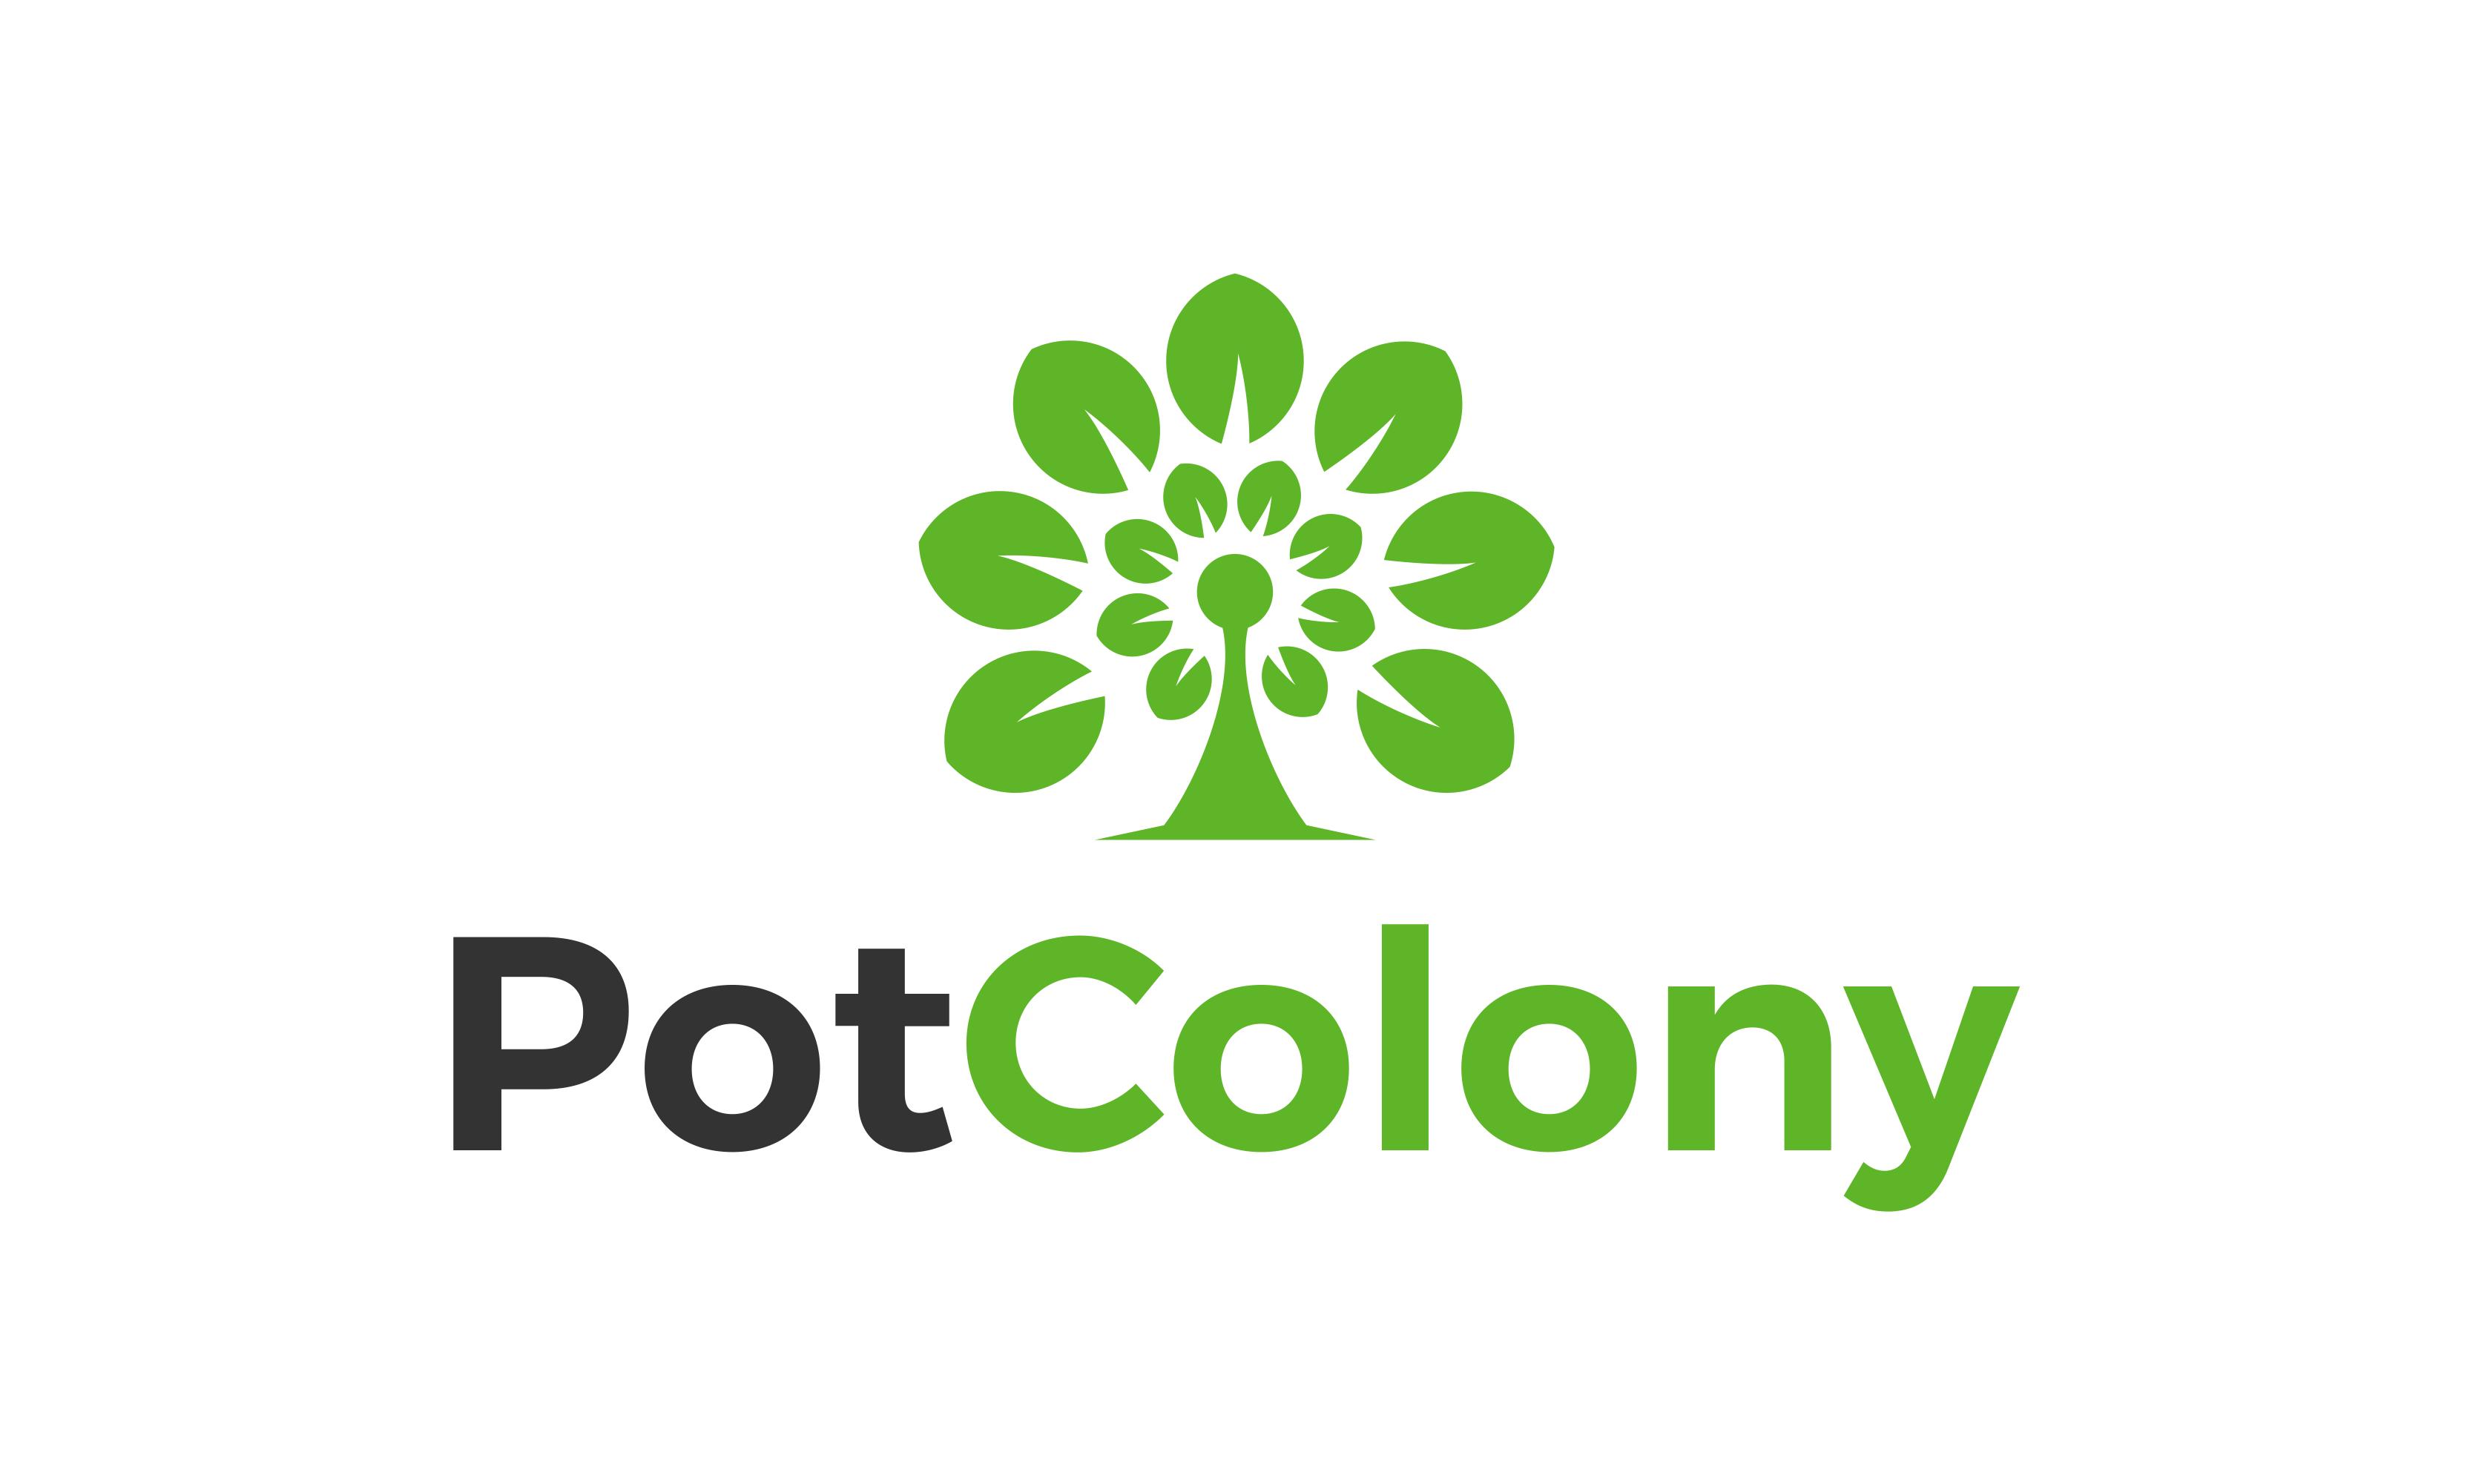 PotColony logo